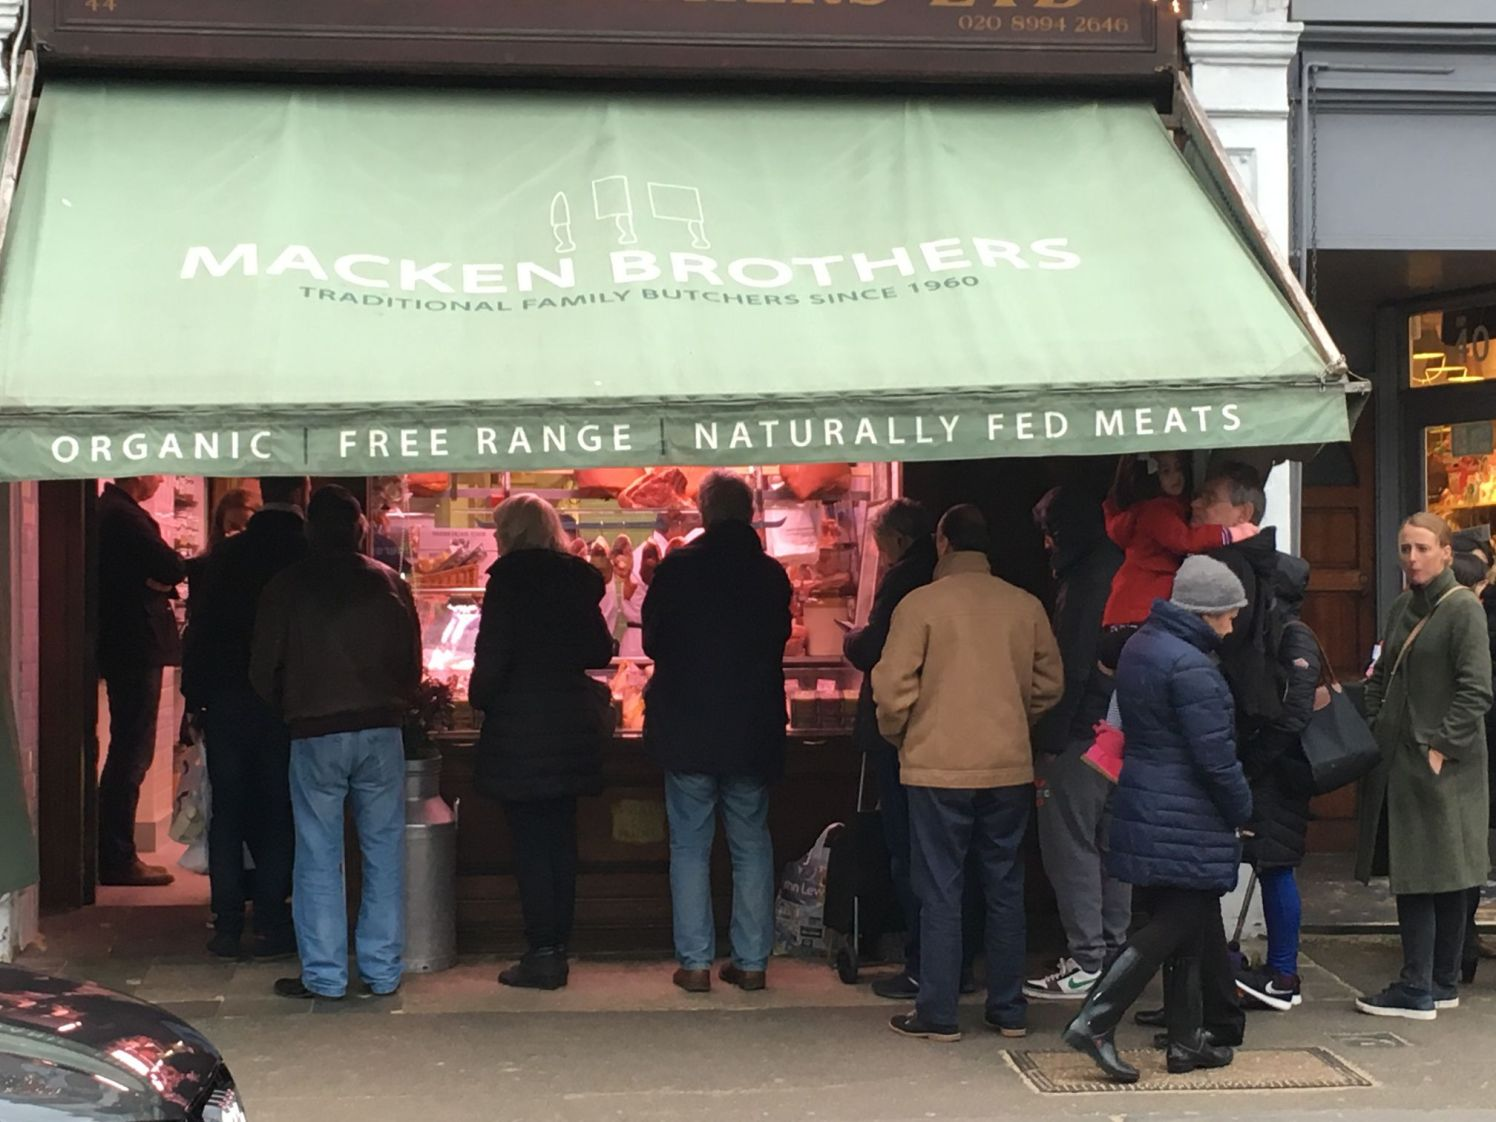 Macken's butcher